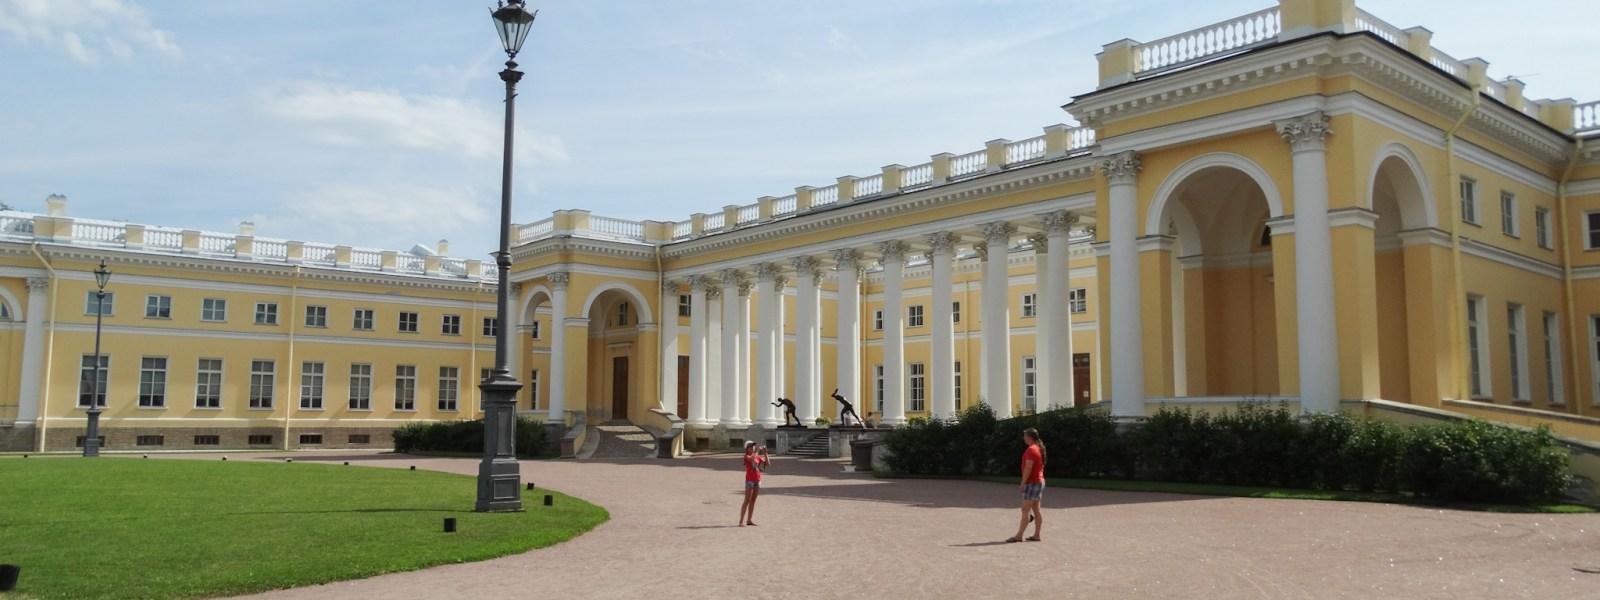 Het Alexanderpaleis, zomerpaleis bij Sint-Petersburg